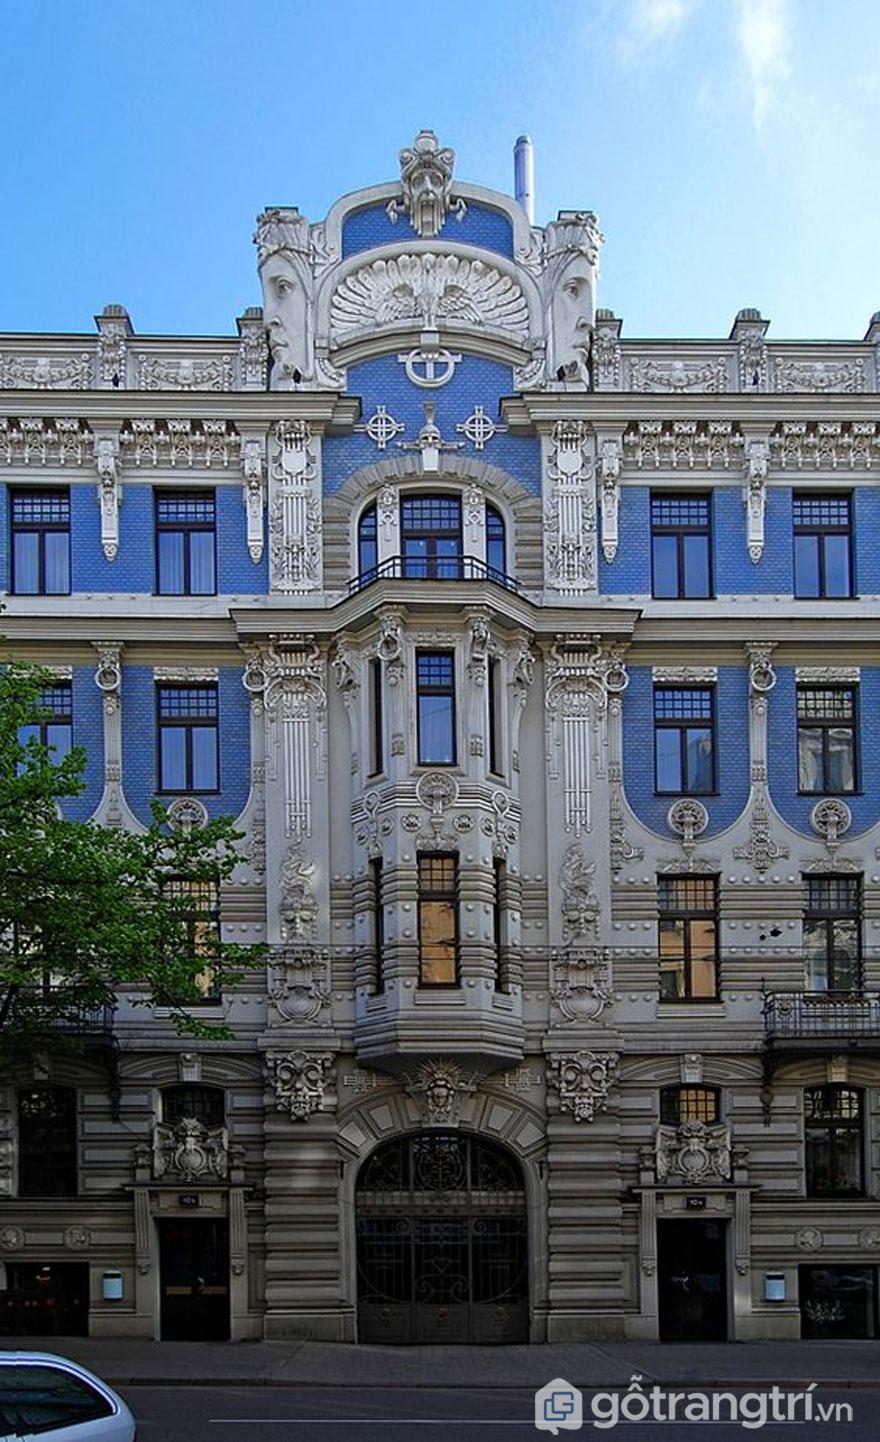 Tòa nhà được thiết kế theo phong cách art nouveau (Ảnh: Internet)